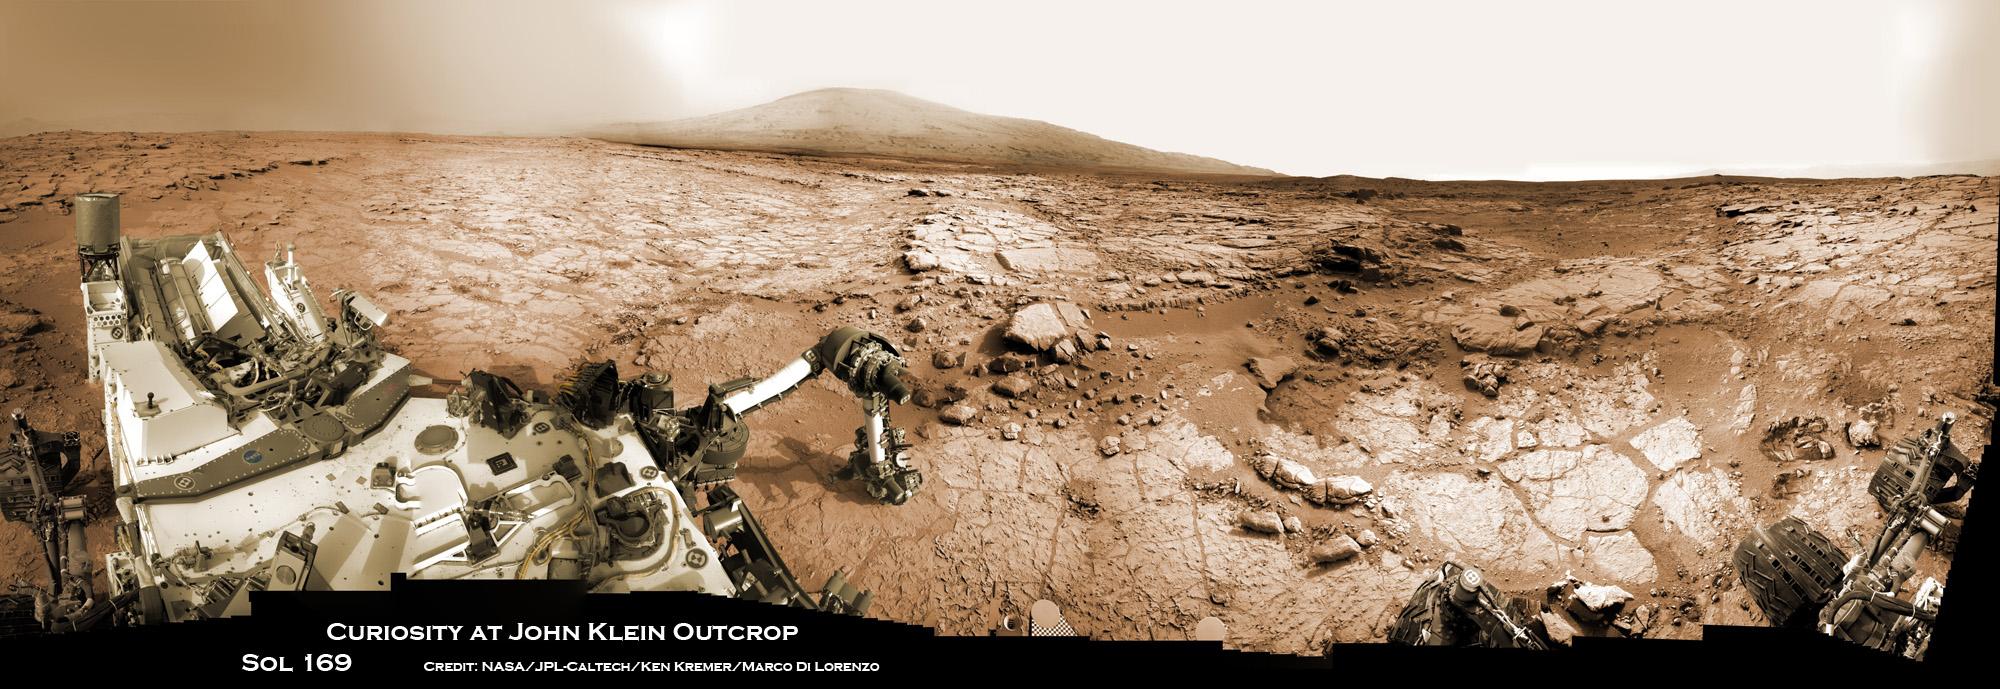 Stunning Mars Panoramas Capture Curiosity Rover at Work ...